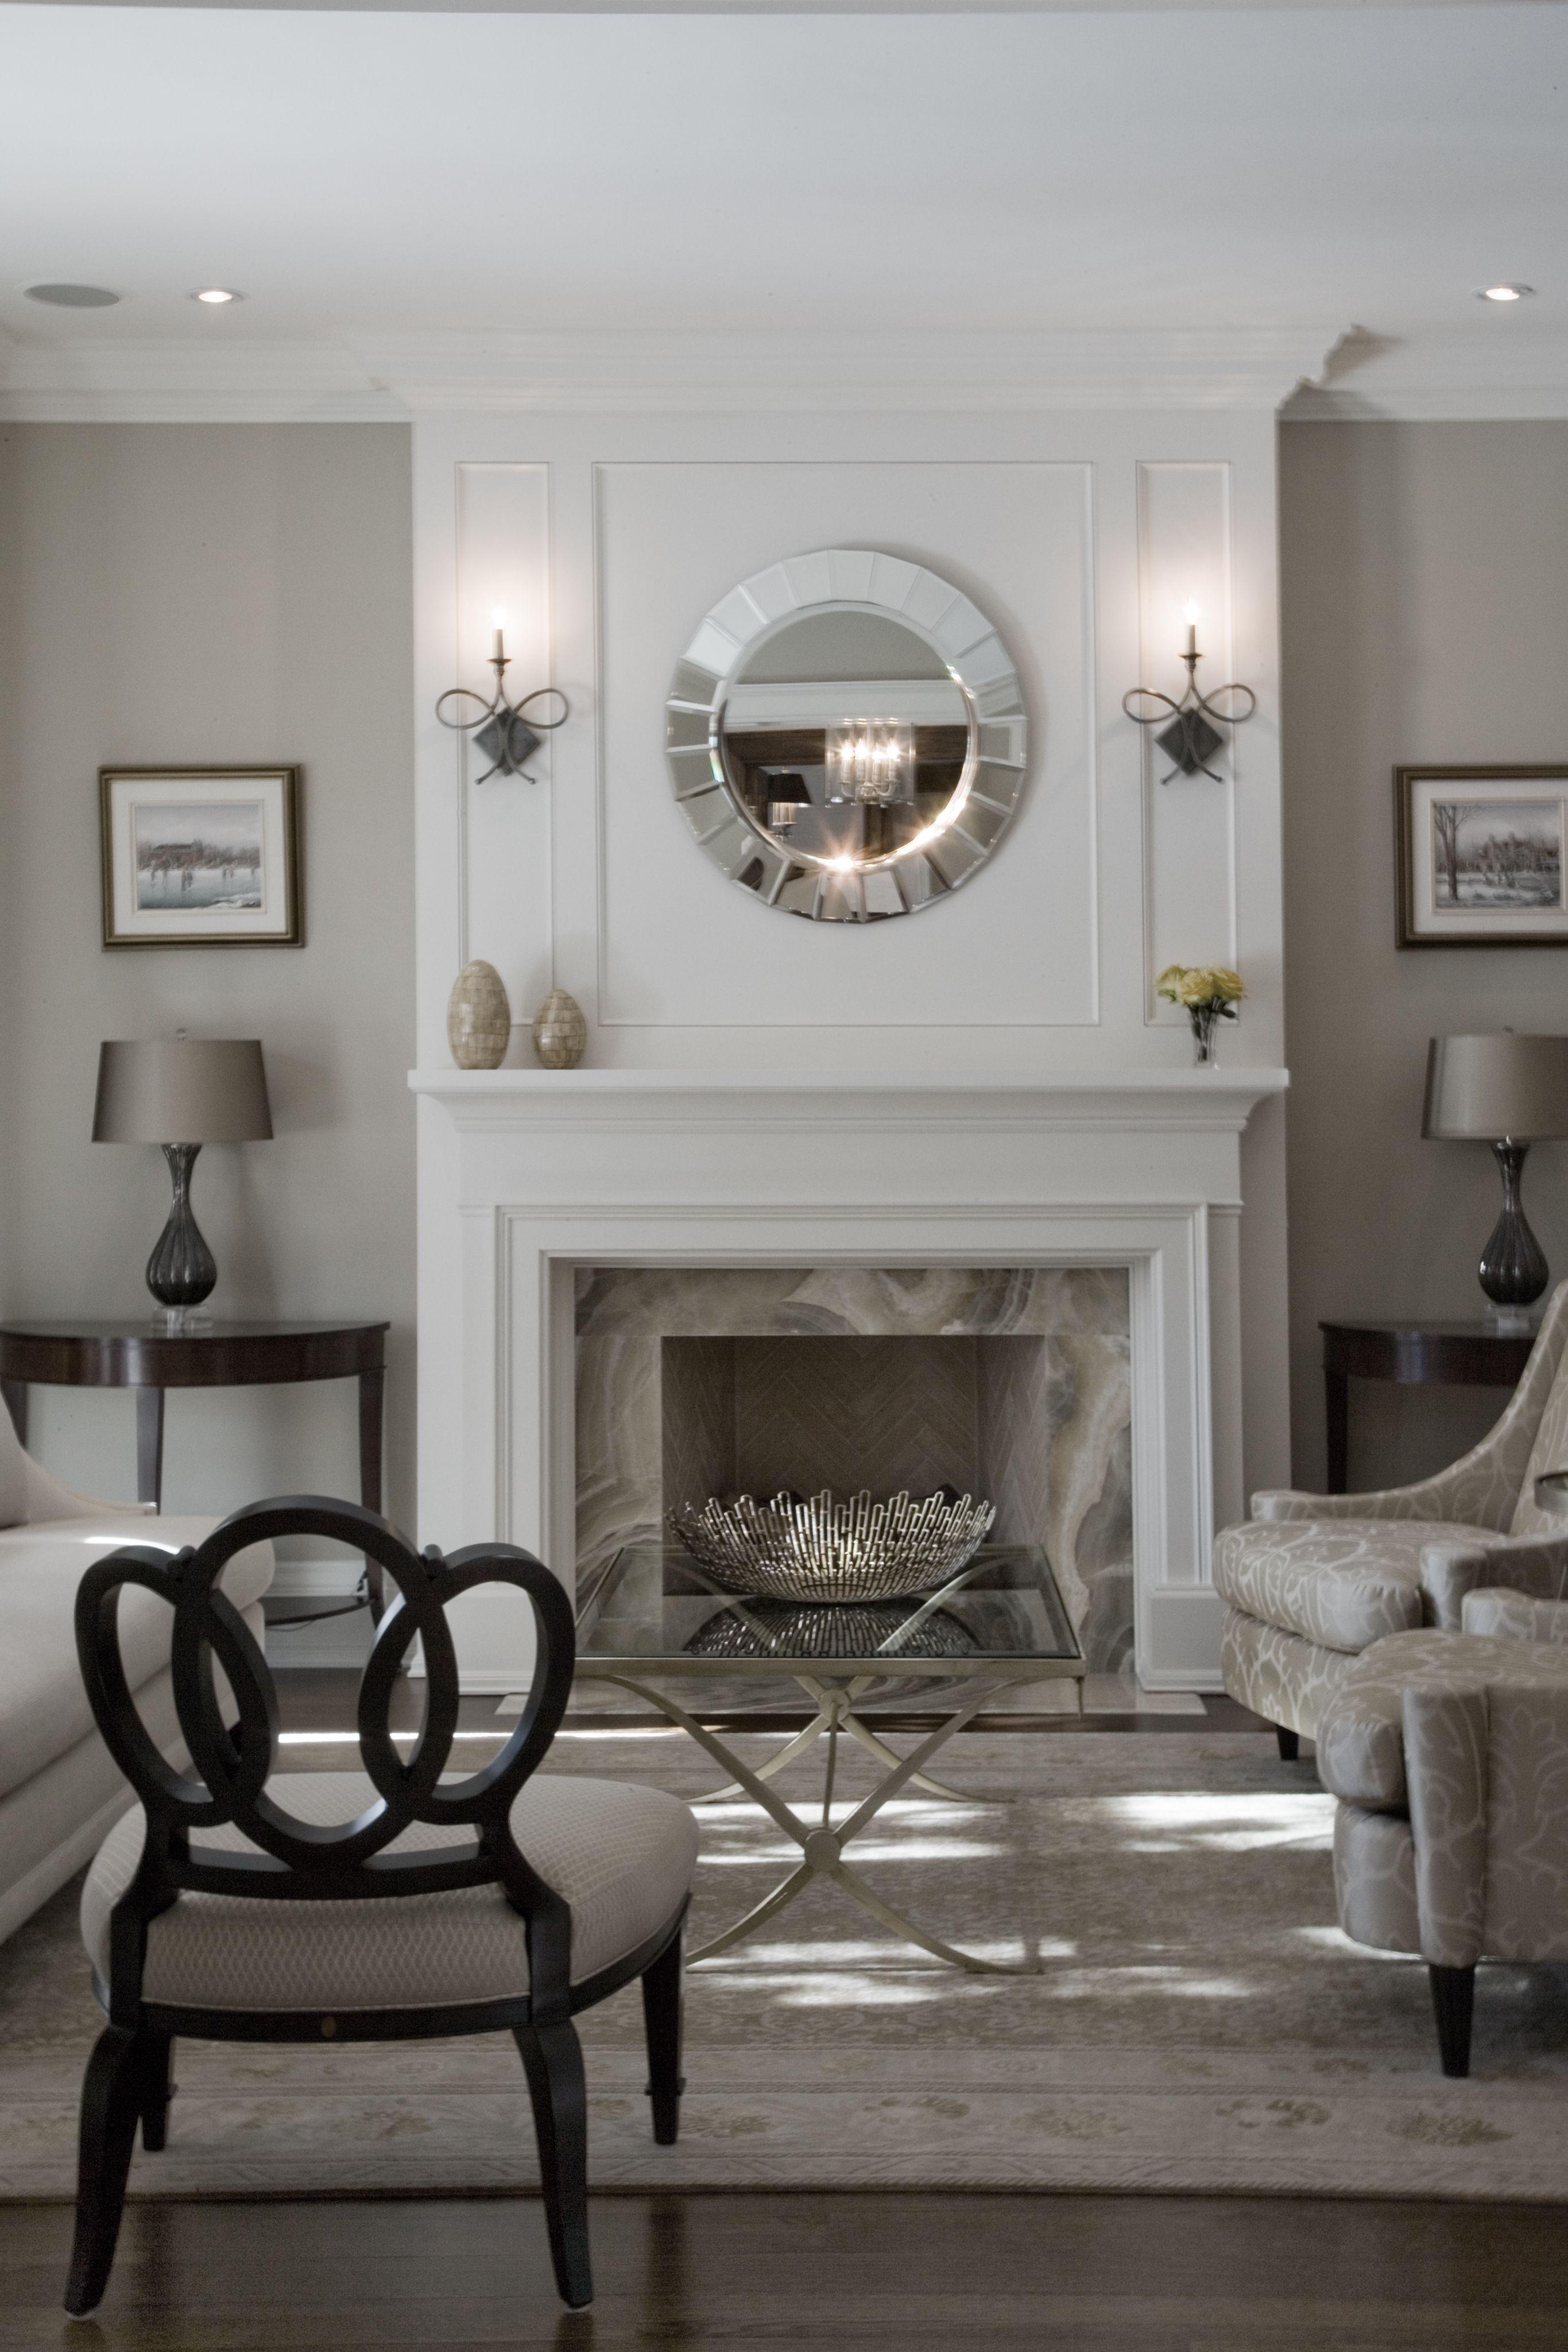 Innenarchitektur wohnzimmer grundrisse  cozy corner fireplace design ideas in the living room